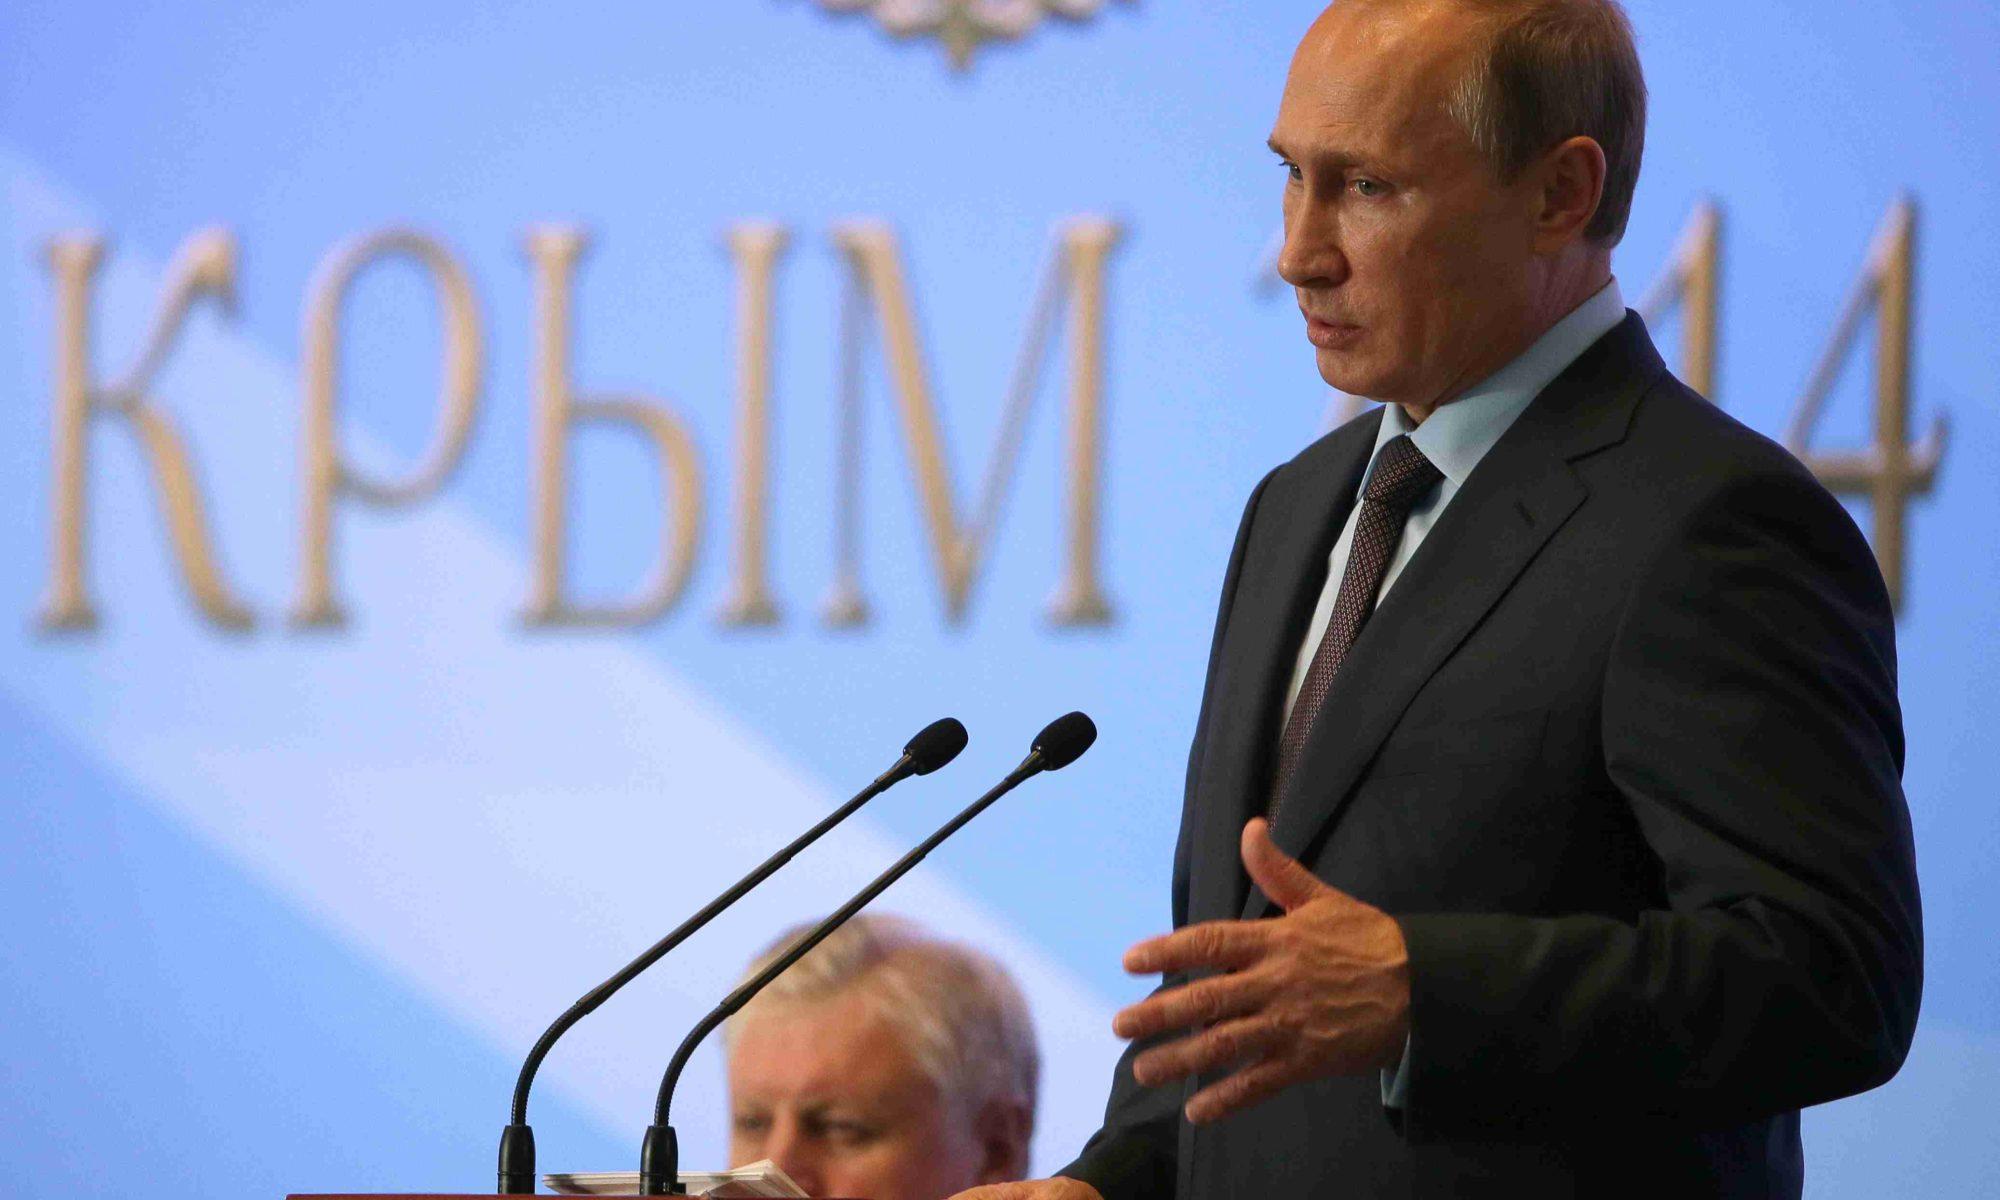 Посольство США на Украине осудило визит Путина в Крым